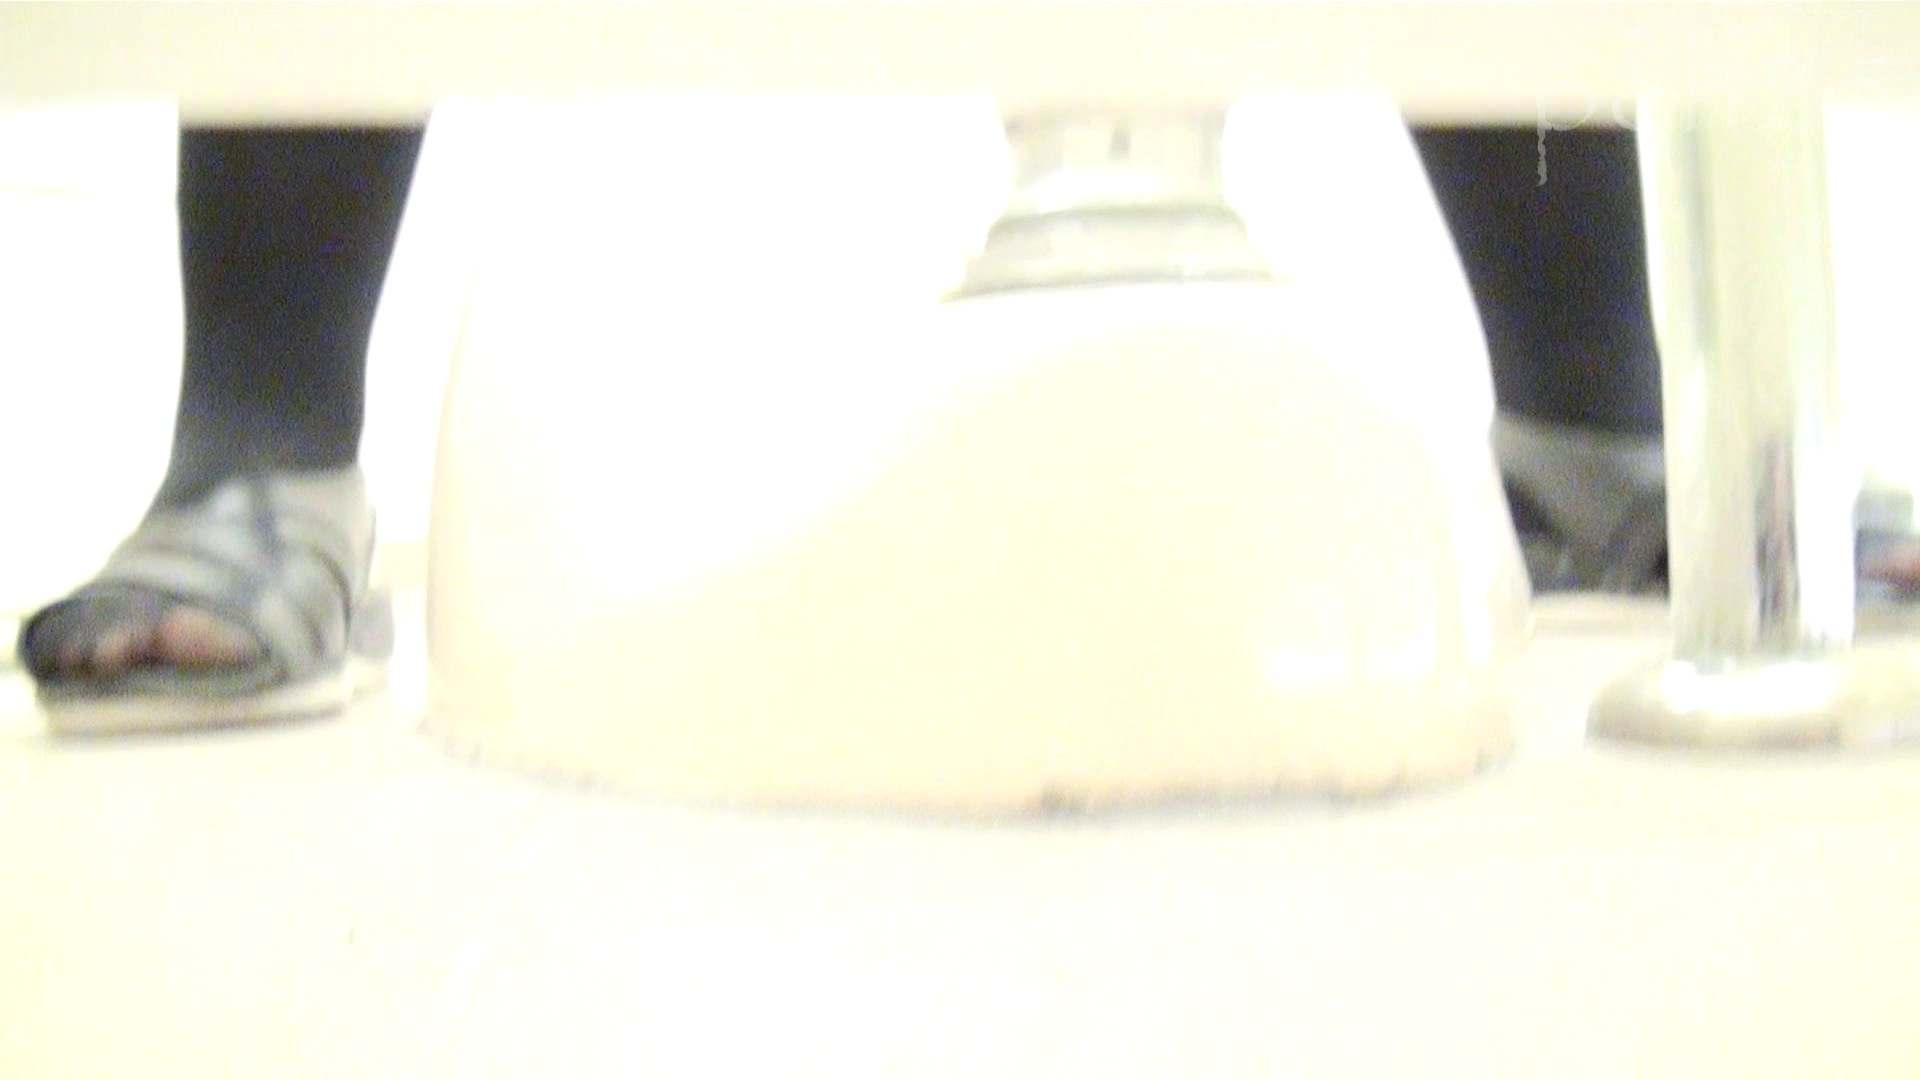 ※100個限定販売 至高下半身盗撮 プレミアム Vol.25 ハイビジョン 洗面所 ヌード画像 113画像 100